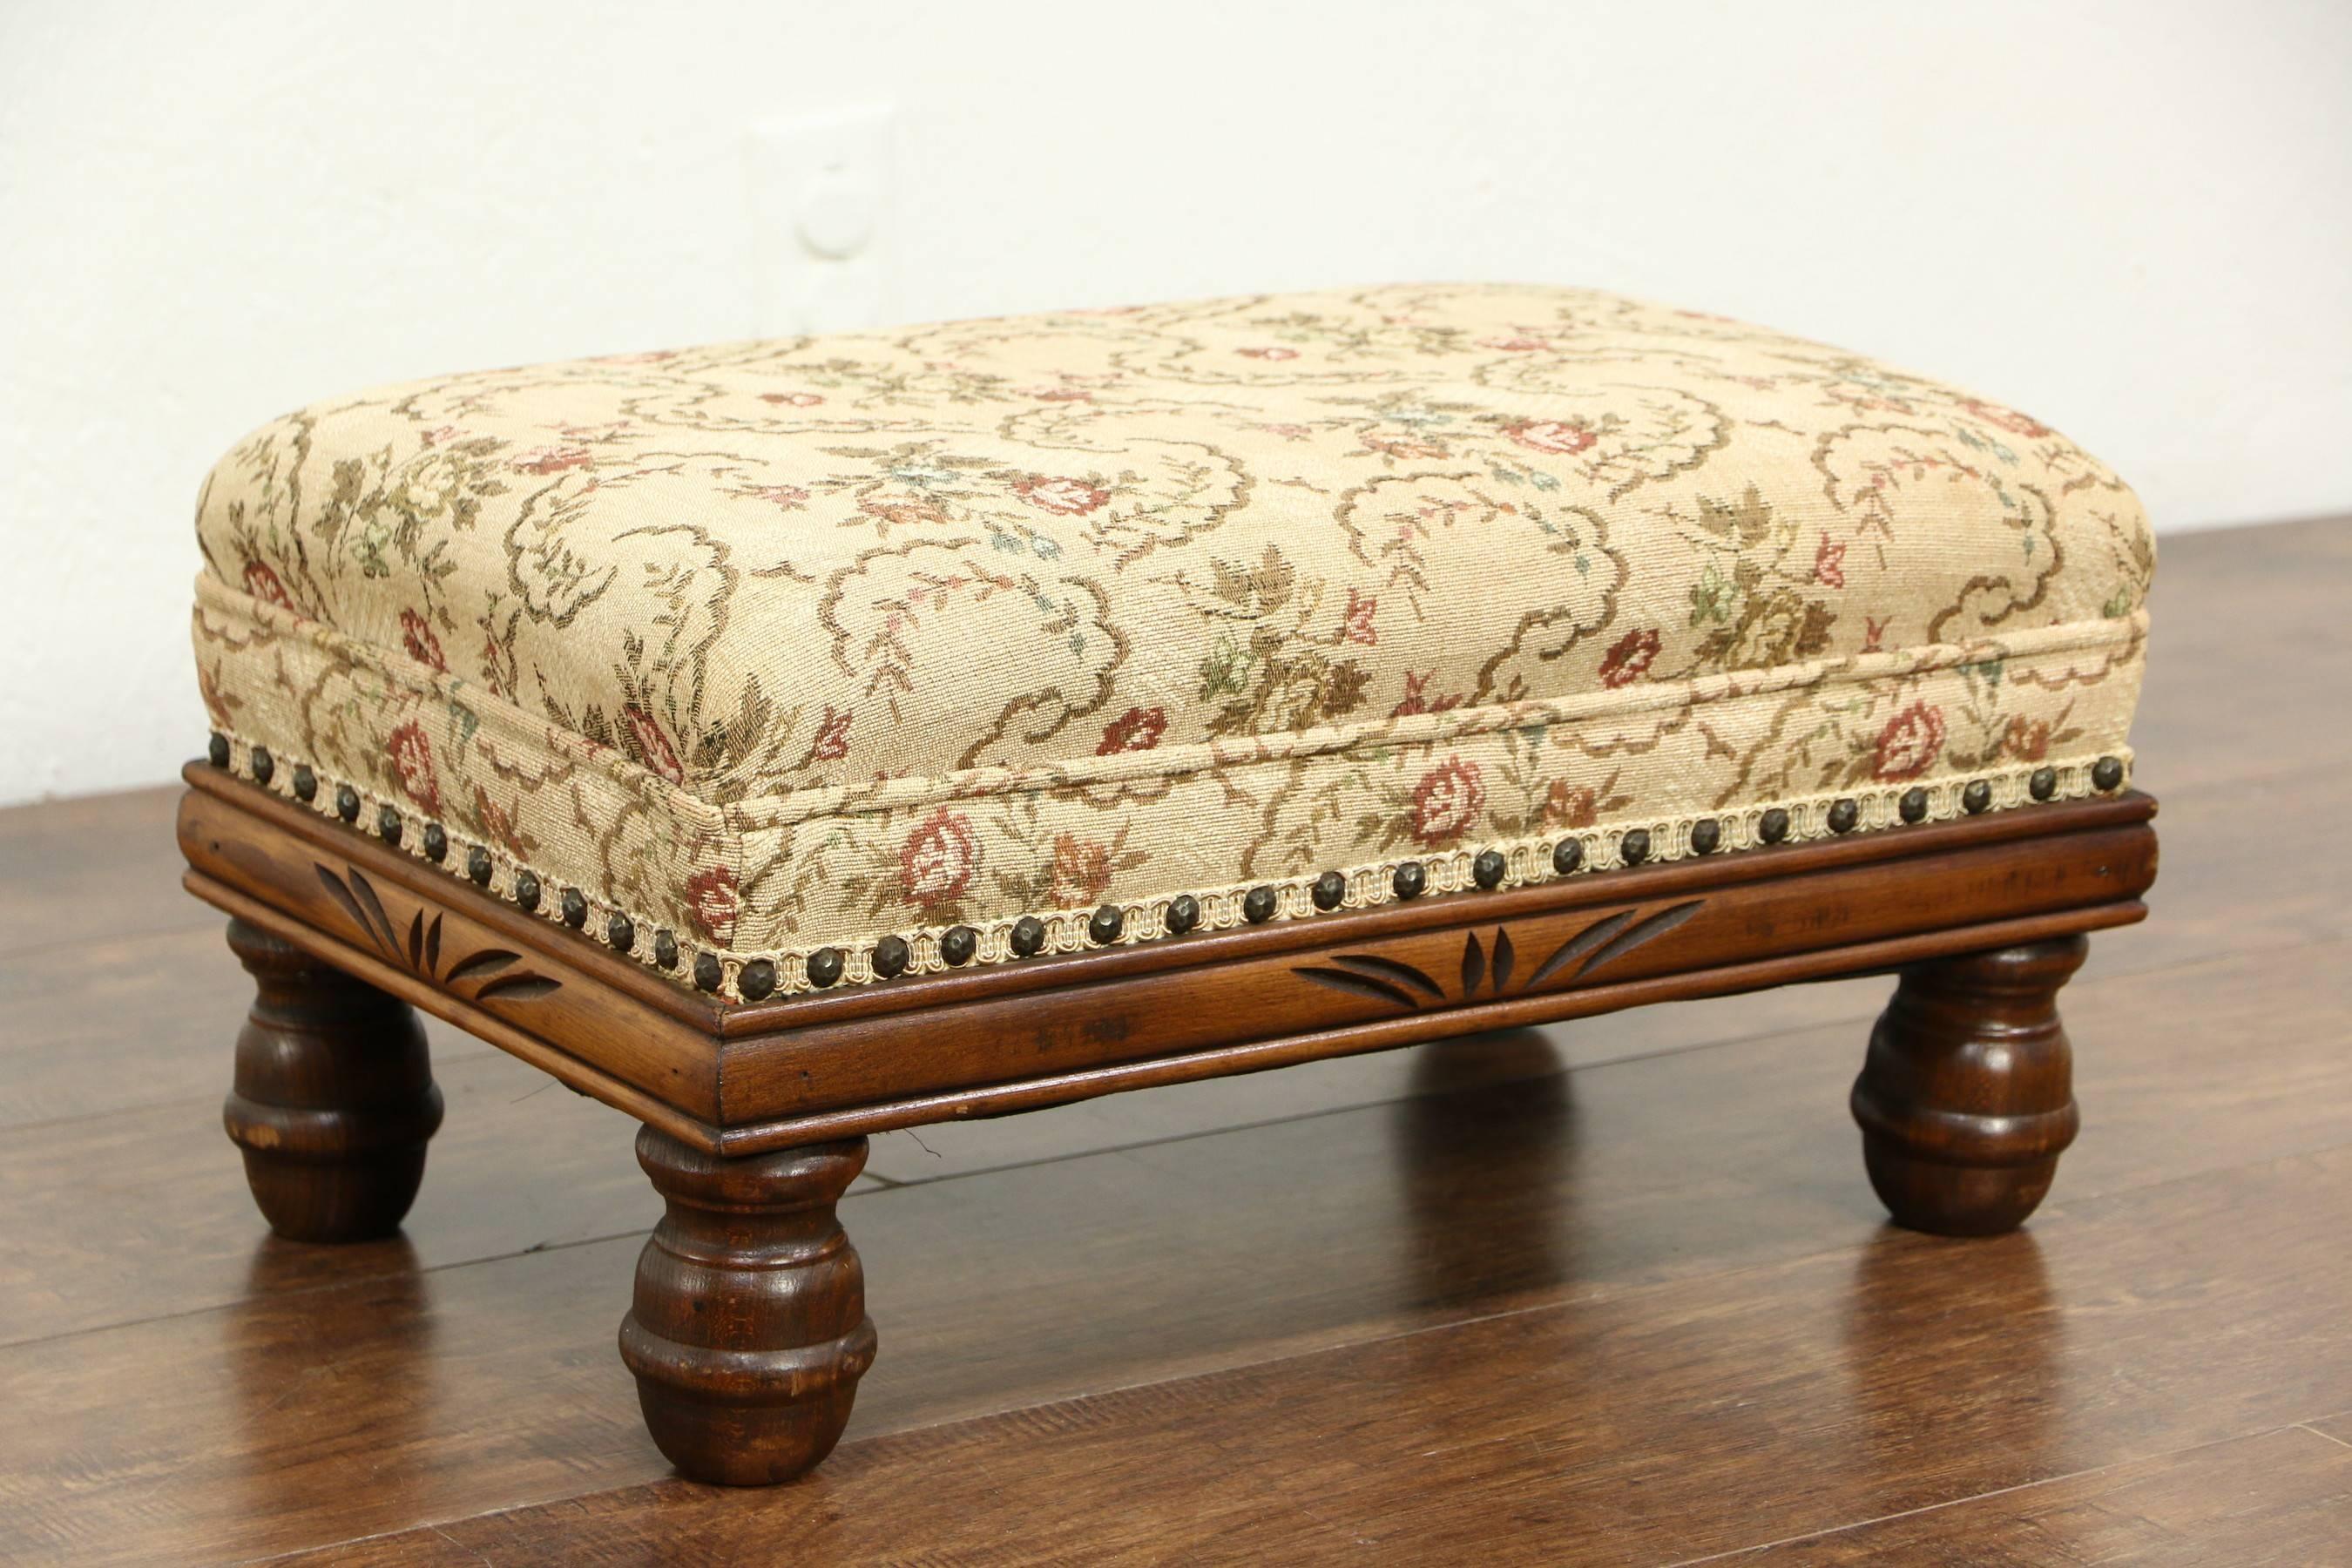 Sold - Vintage 1930's Carved Upholstered Footstool - Harp Gallery intended for Upholstered Footstools (Image 23 of 30)